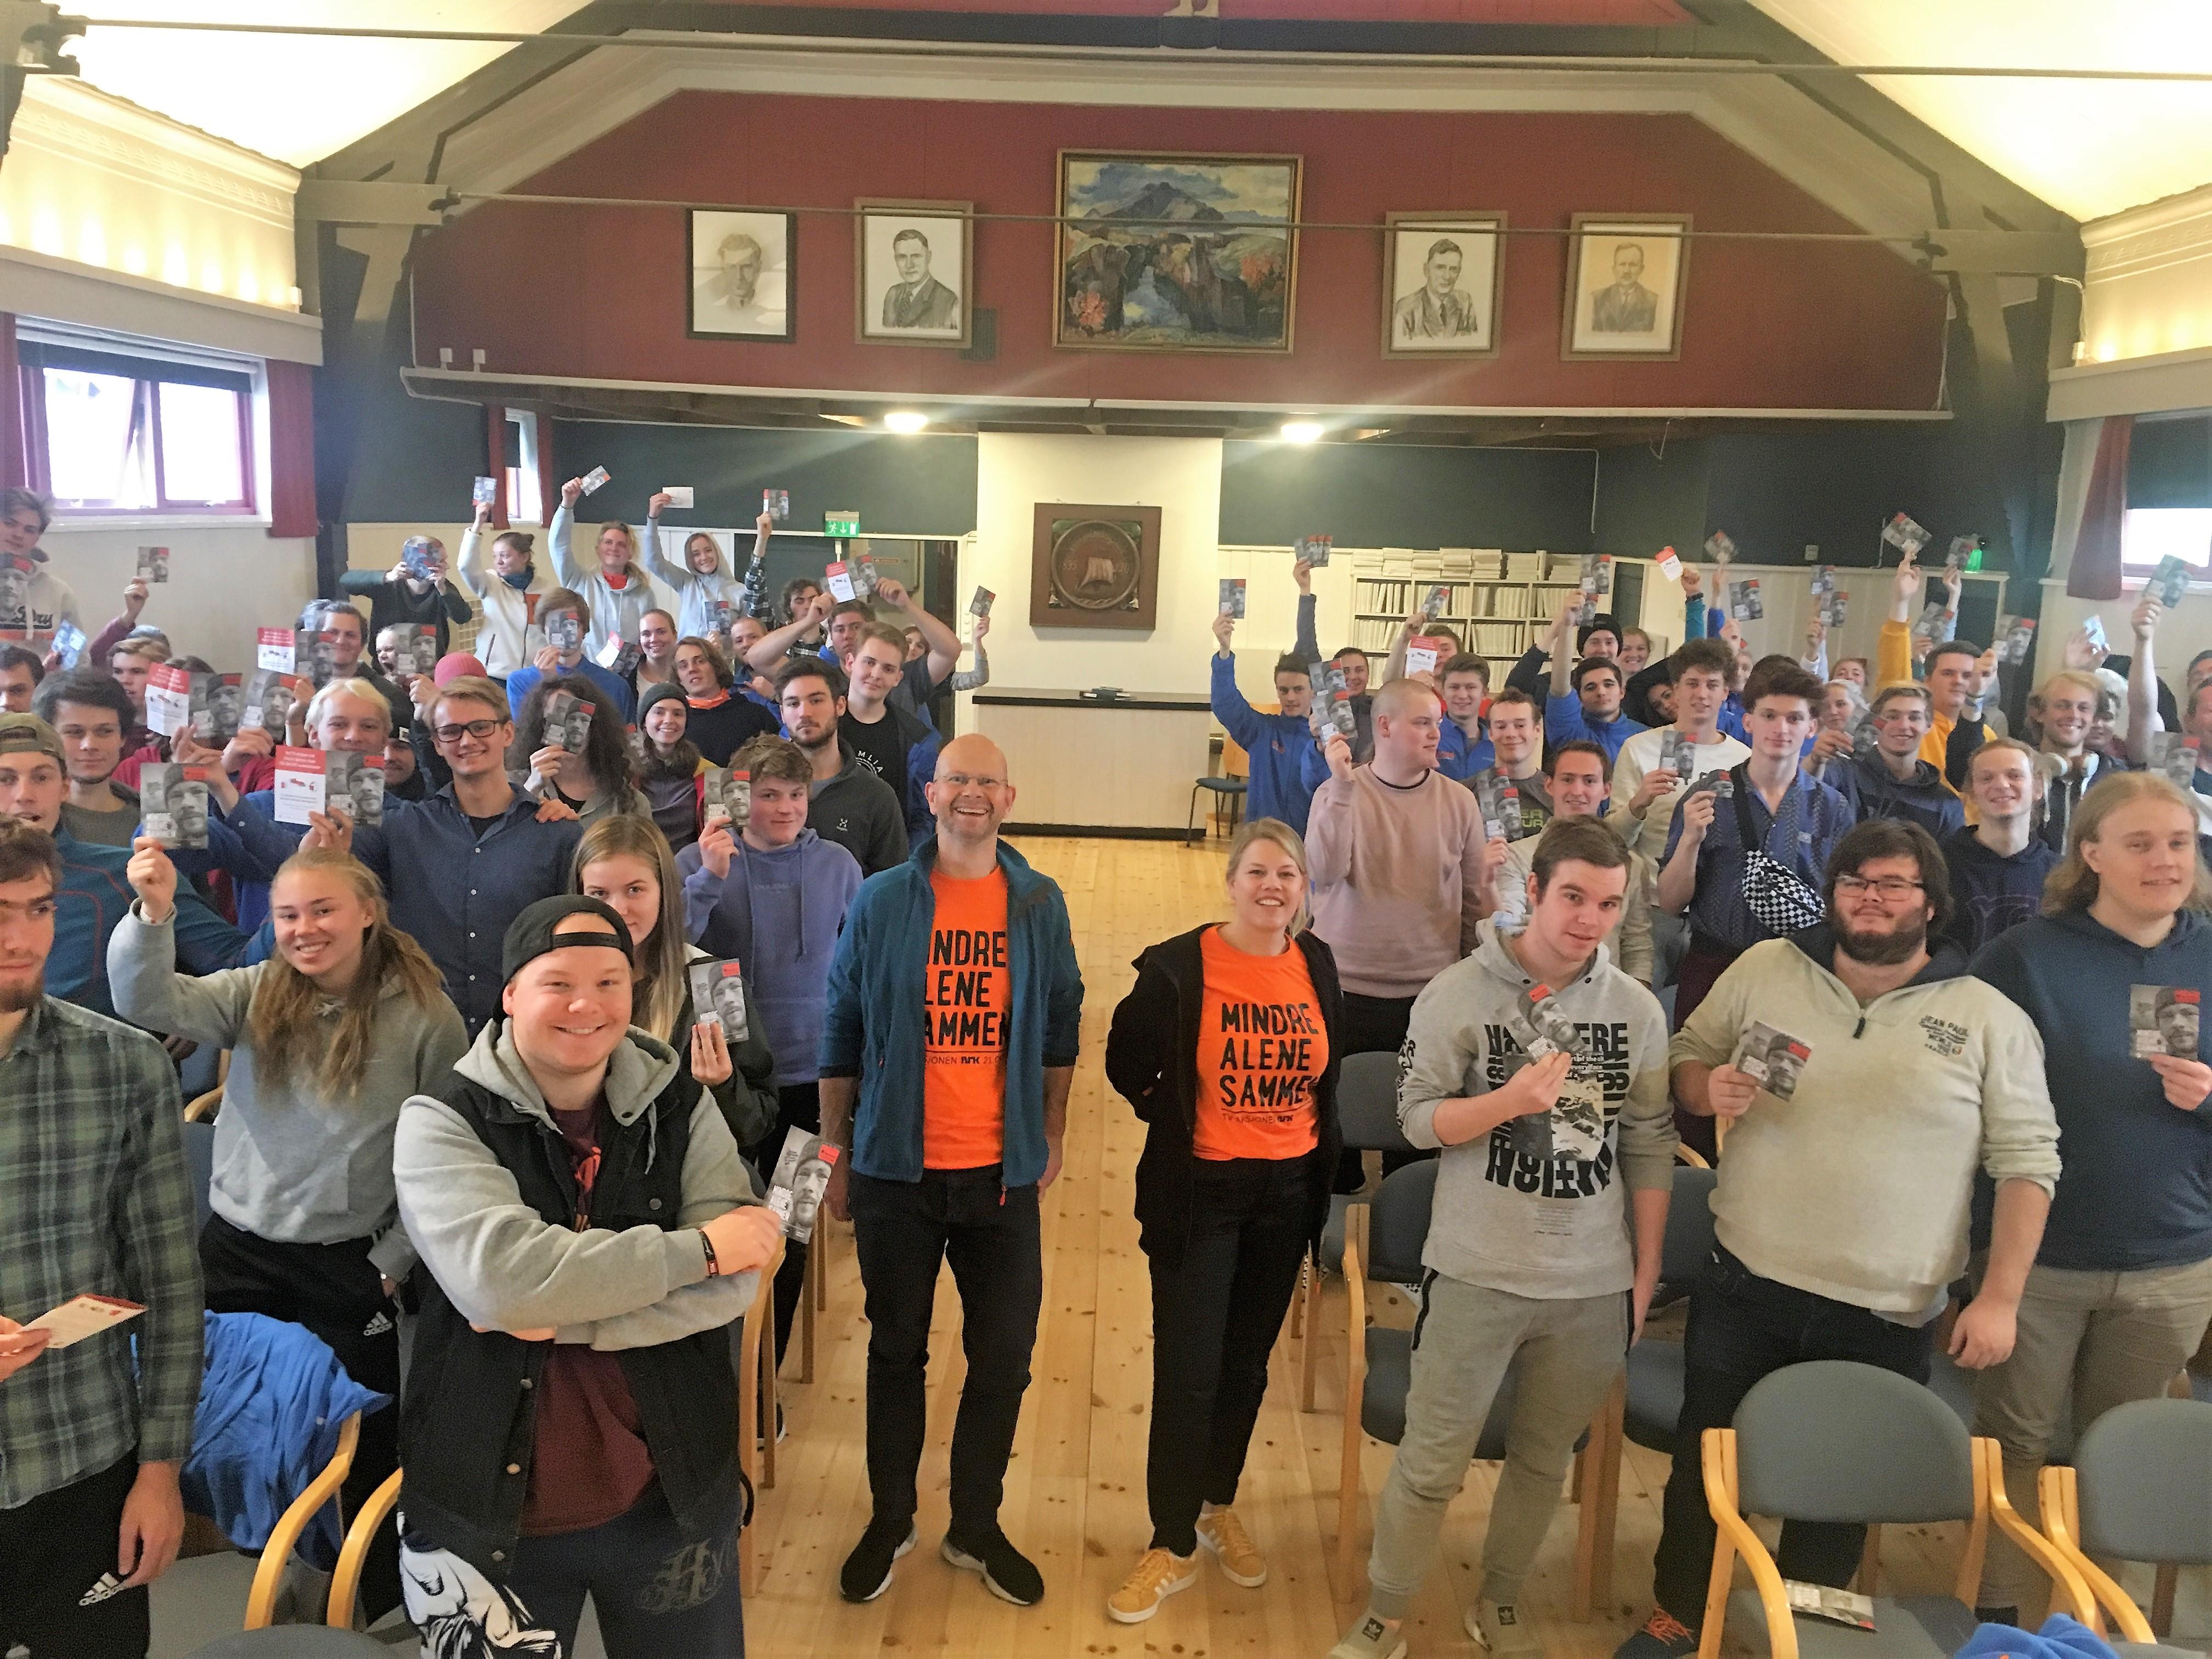 Tv-aksjonen Hordaland, elevflokk, Kirkens bymisjon, giverglede, folkehøgskole, fellesskap, solidaritet